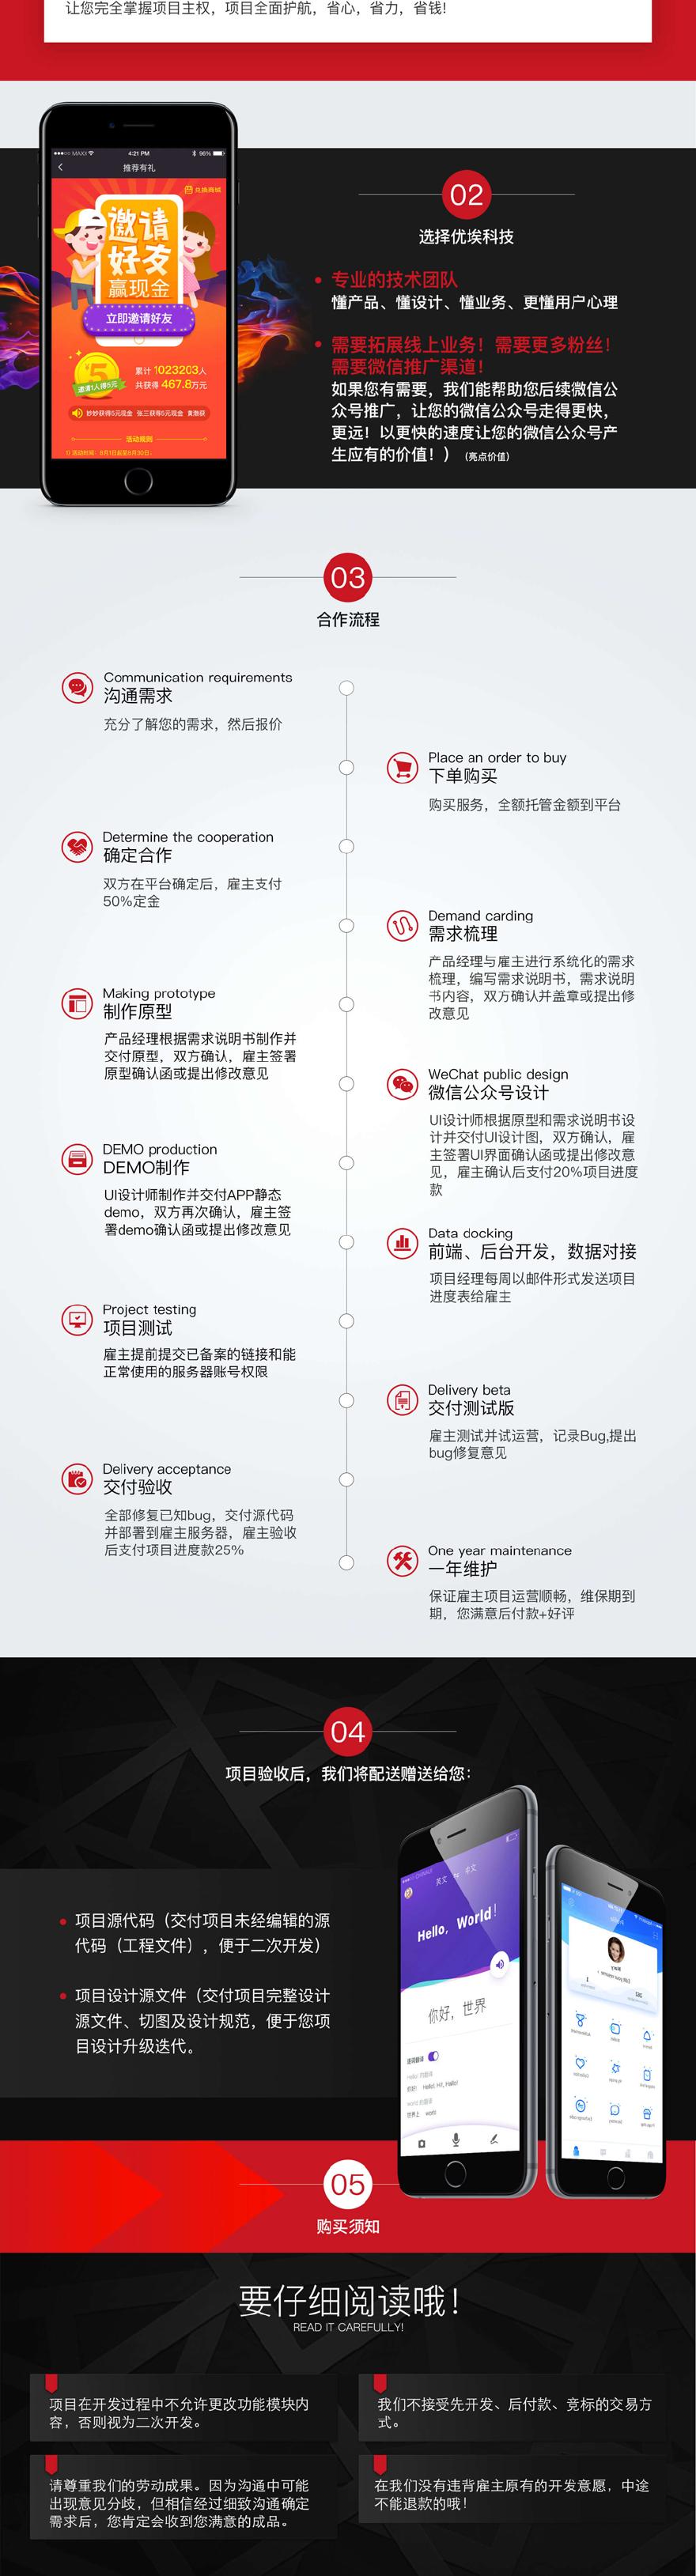 微信开发/微信公众号/微信小程序/php